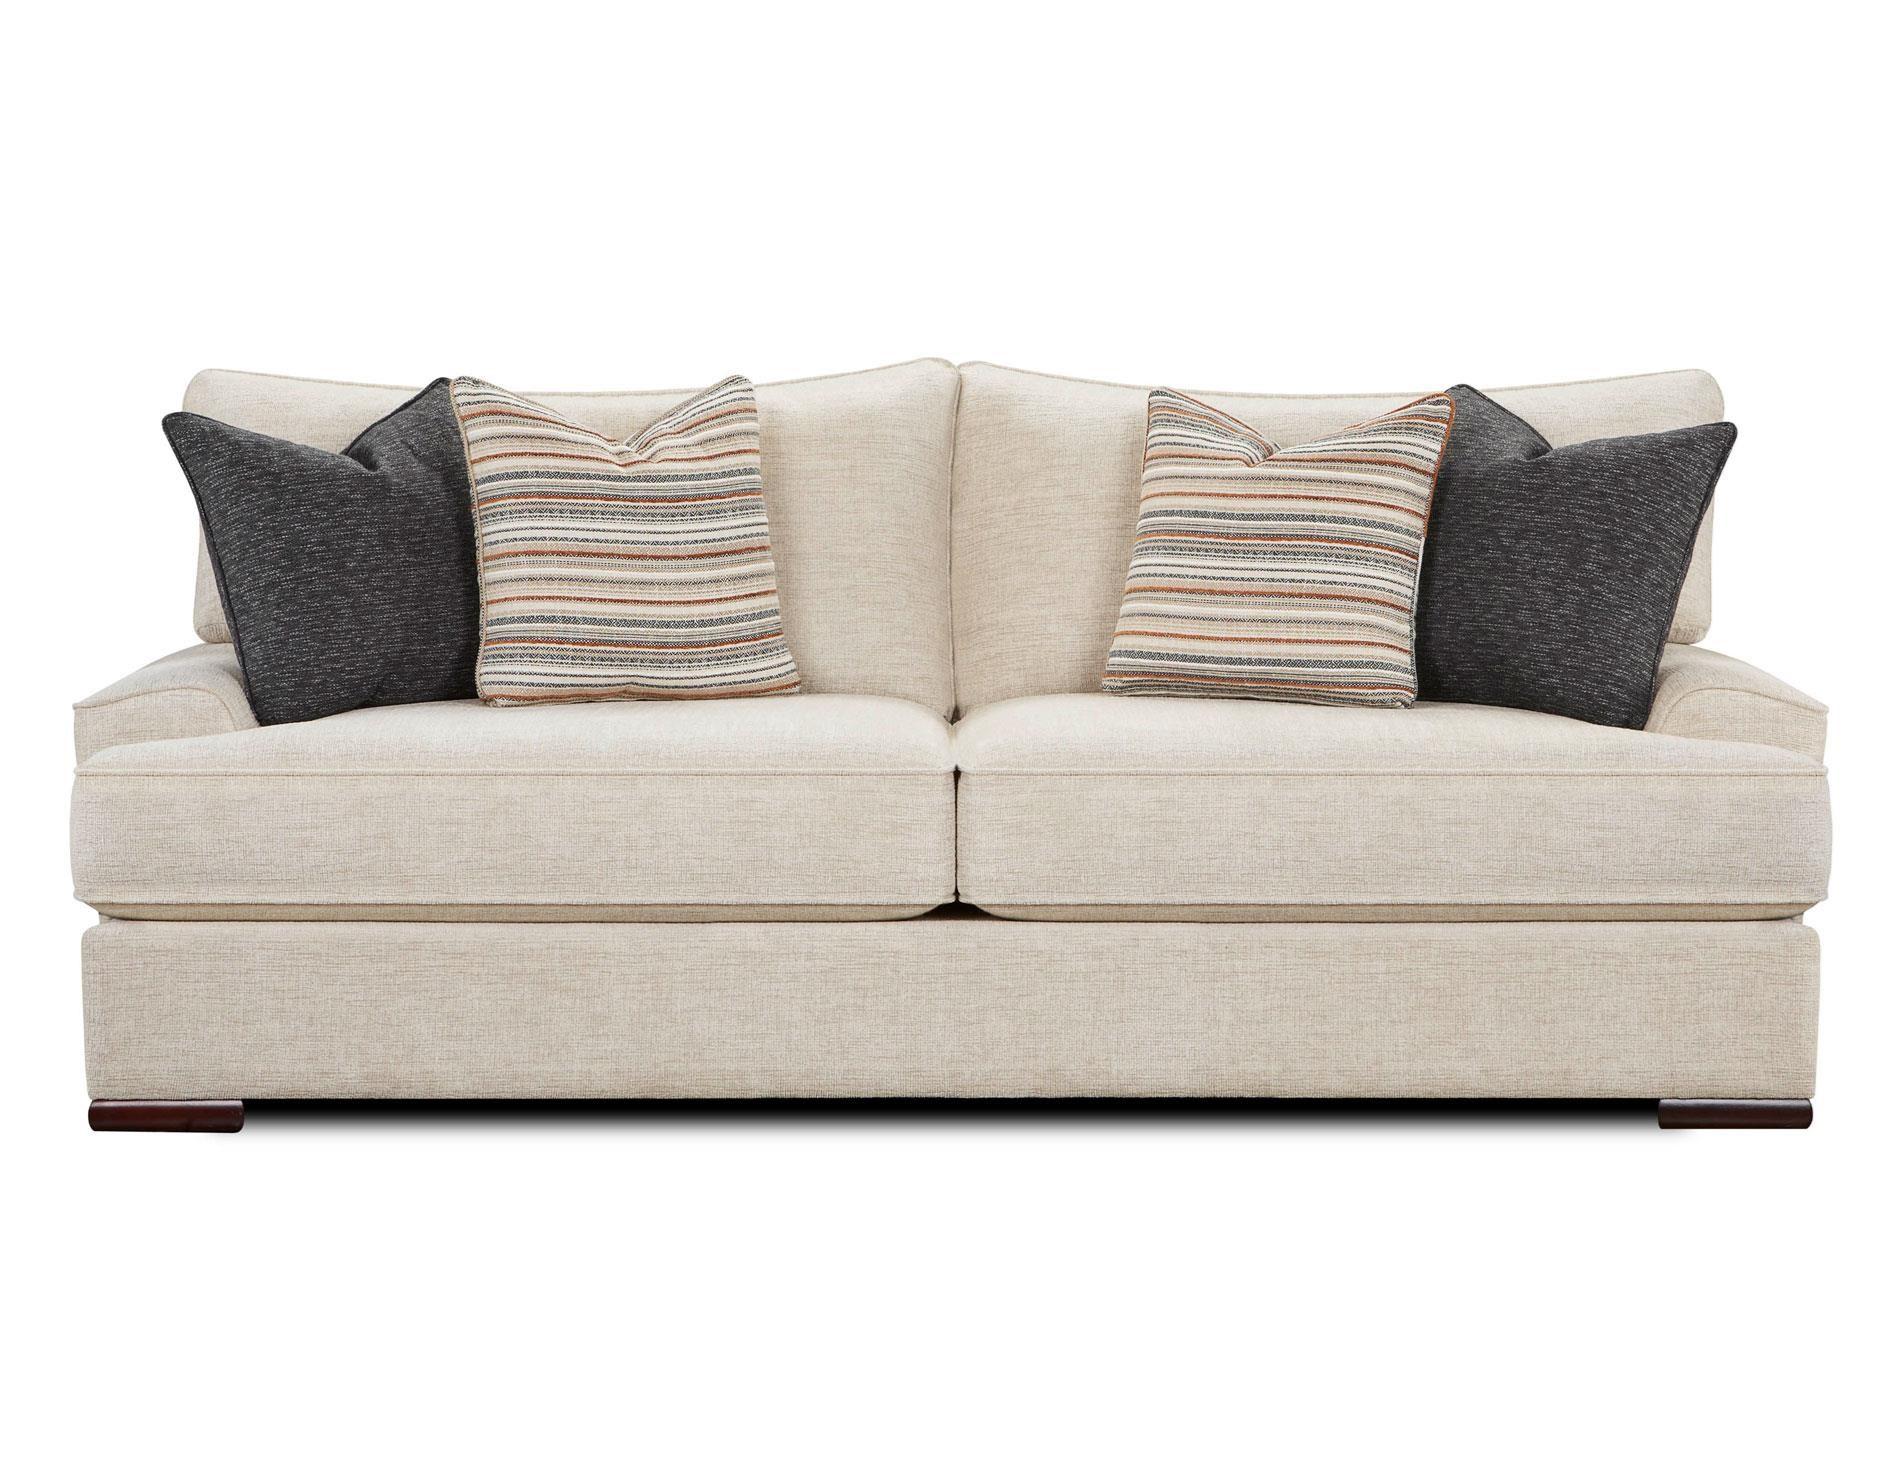 Fusion Furniture Bradley-Cream Sofa - Item Number: 2010-BRADLEY-CREAM